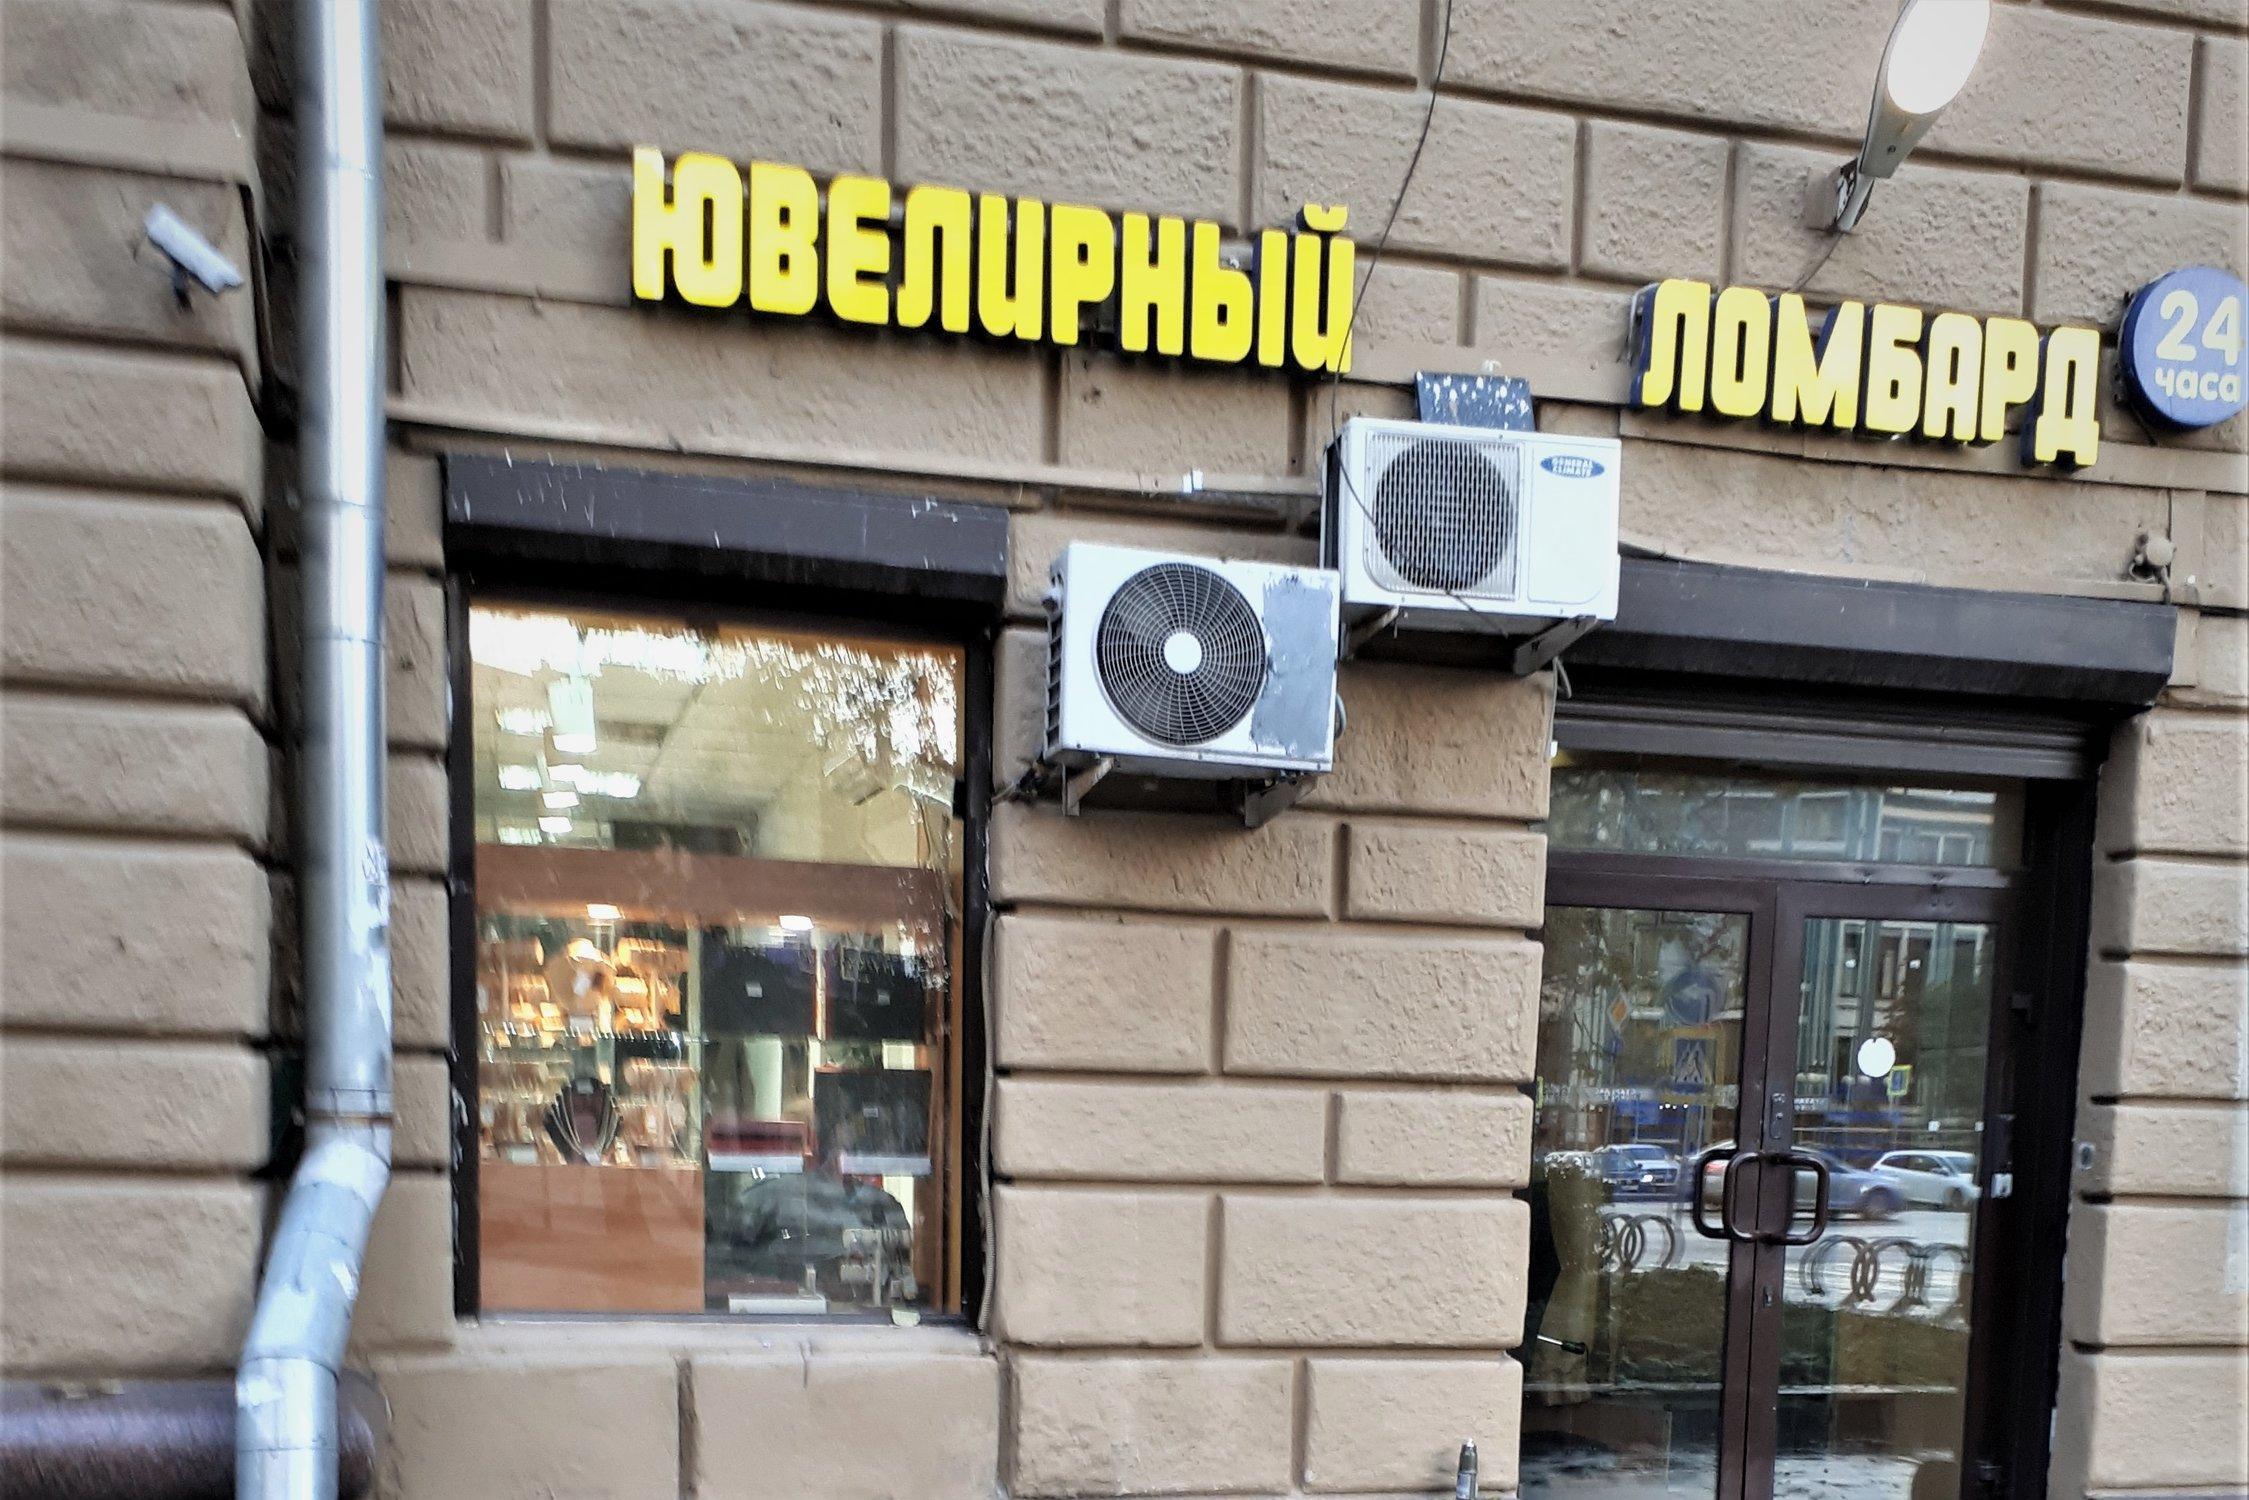 Ломбарды в центре москвы автосалон в москве где можно взять кредит